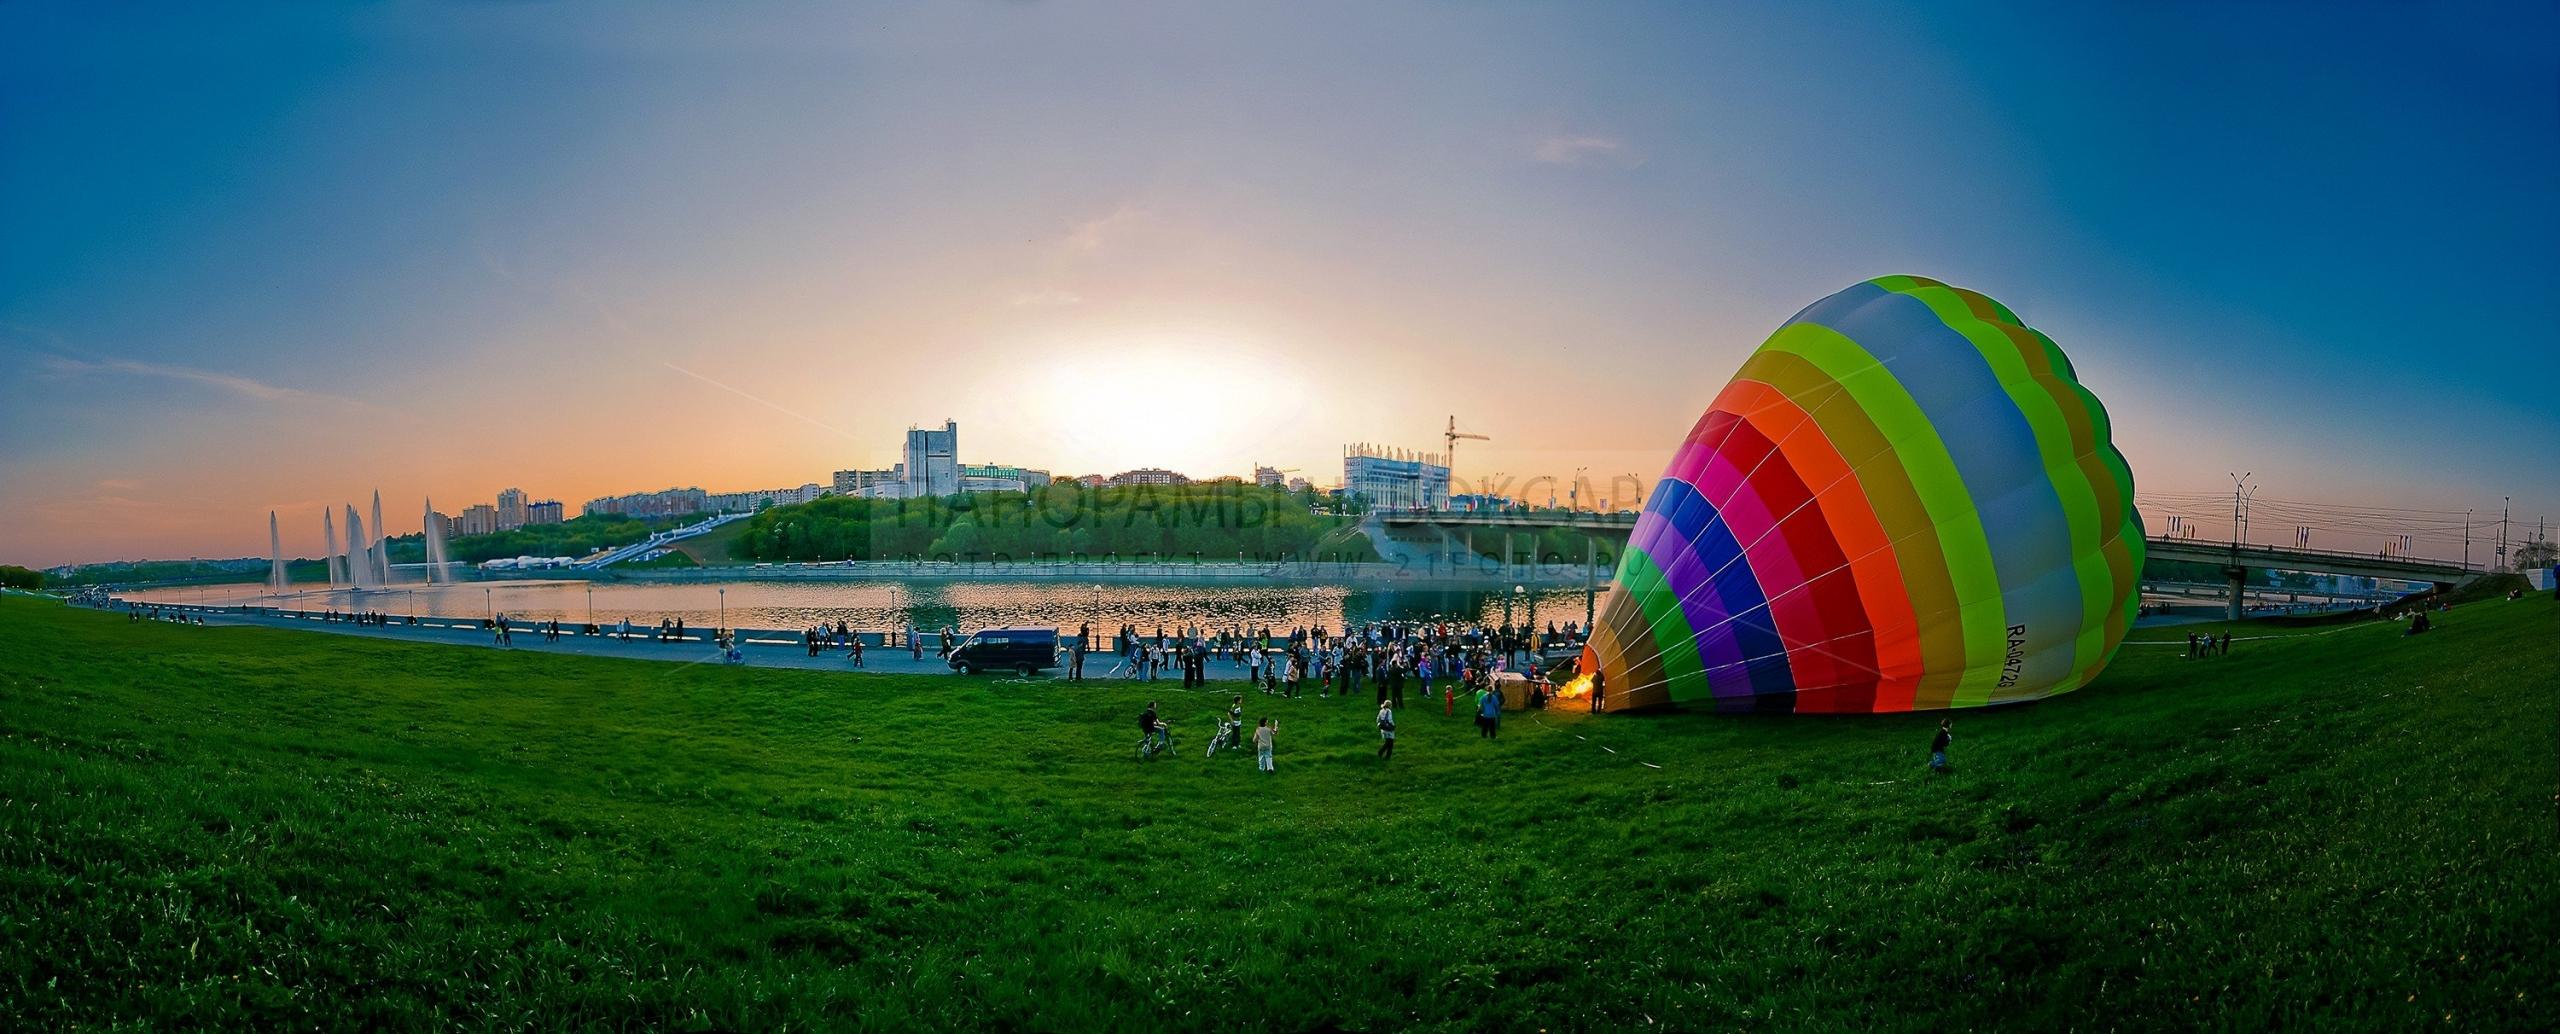 Летняя фото-панорама Чебоксарского залива на закате с видом на театр оперы и балета (№4)